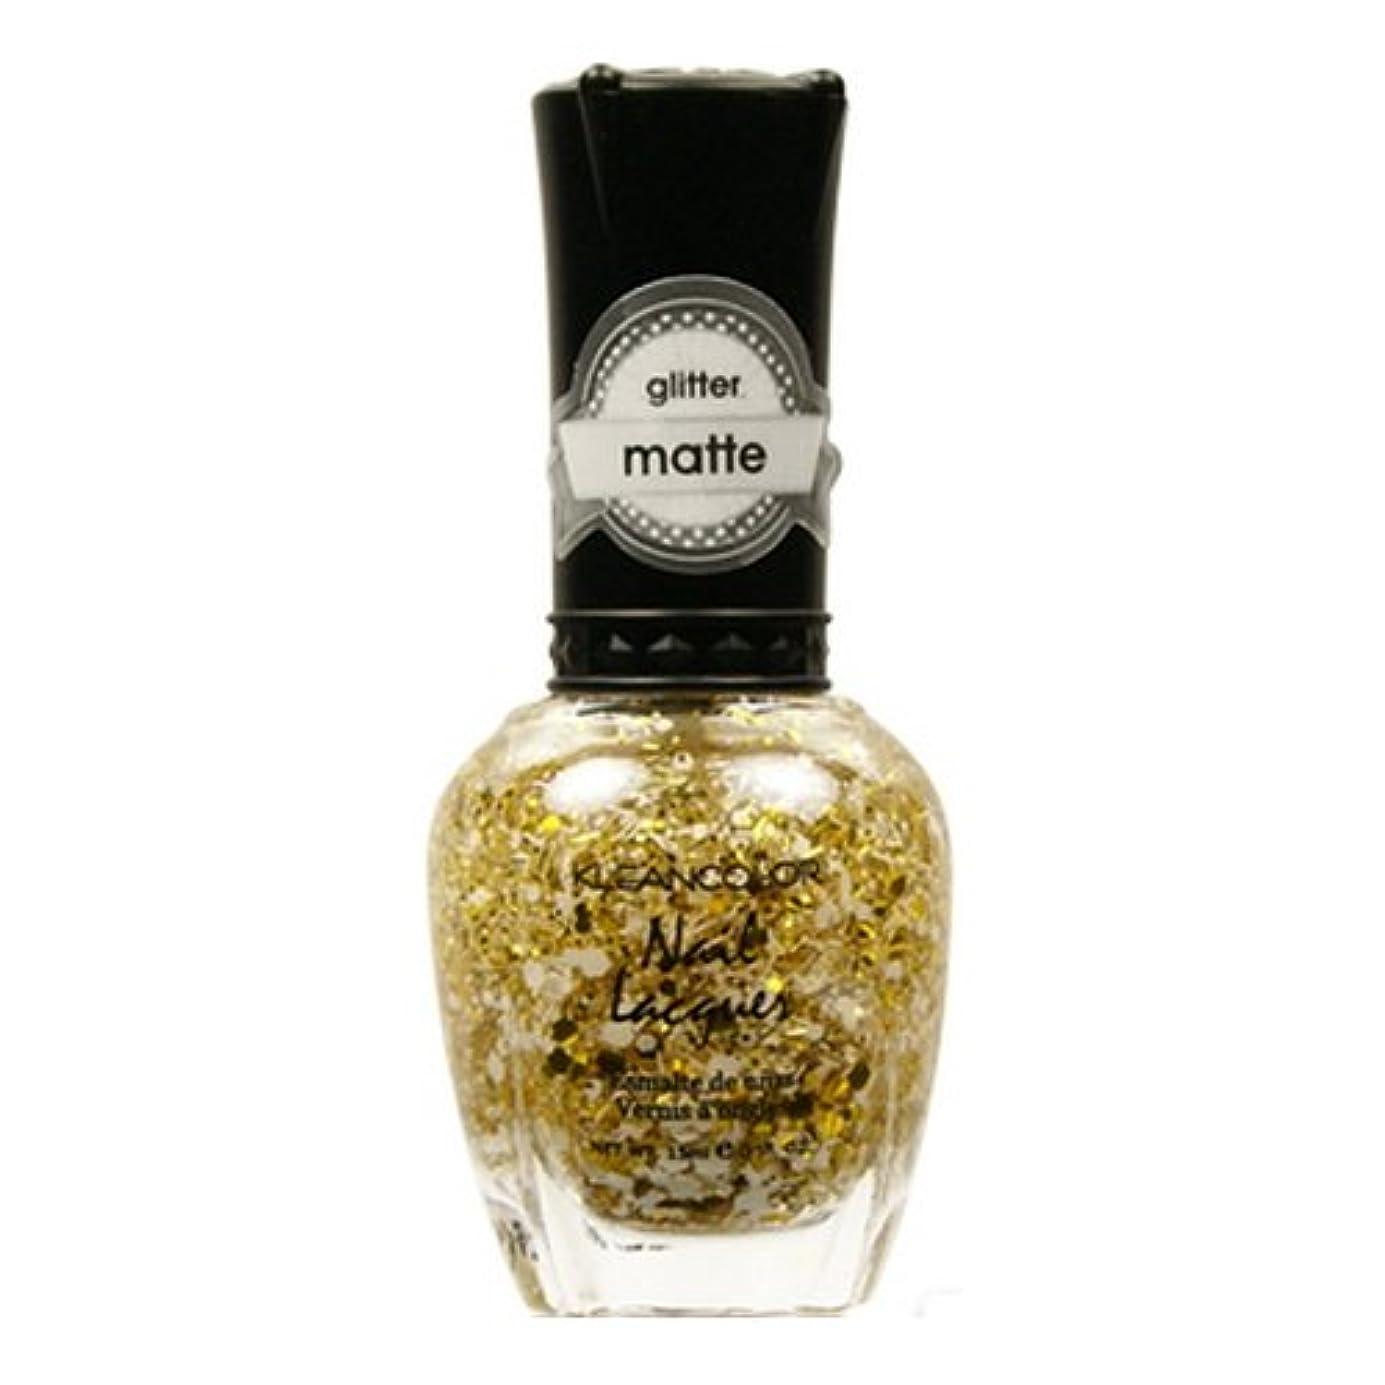 心理的にスチュワードサークルKLEANCOLOR Glitter Matte Nail Lacquer - Everyday is My Birthday (並行輸入品)